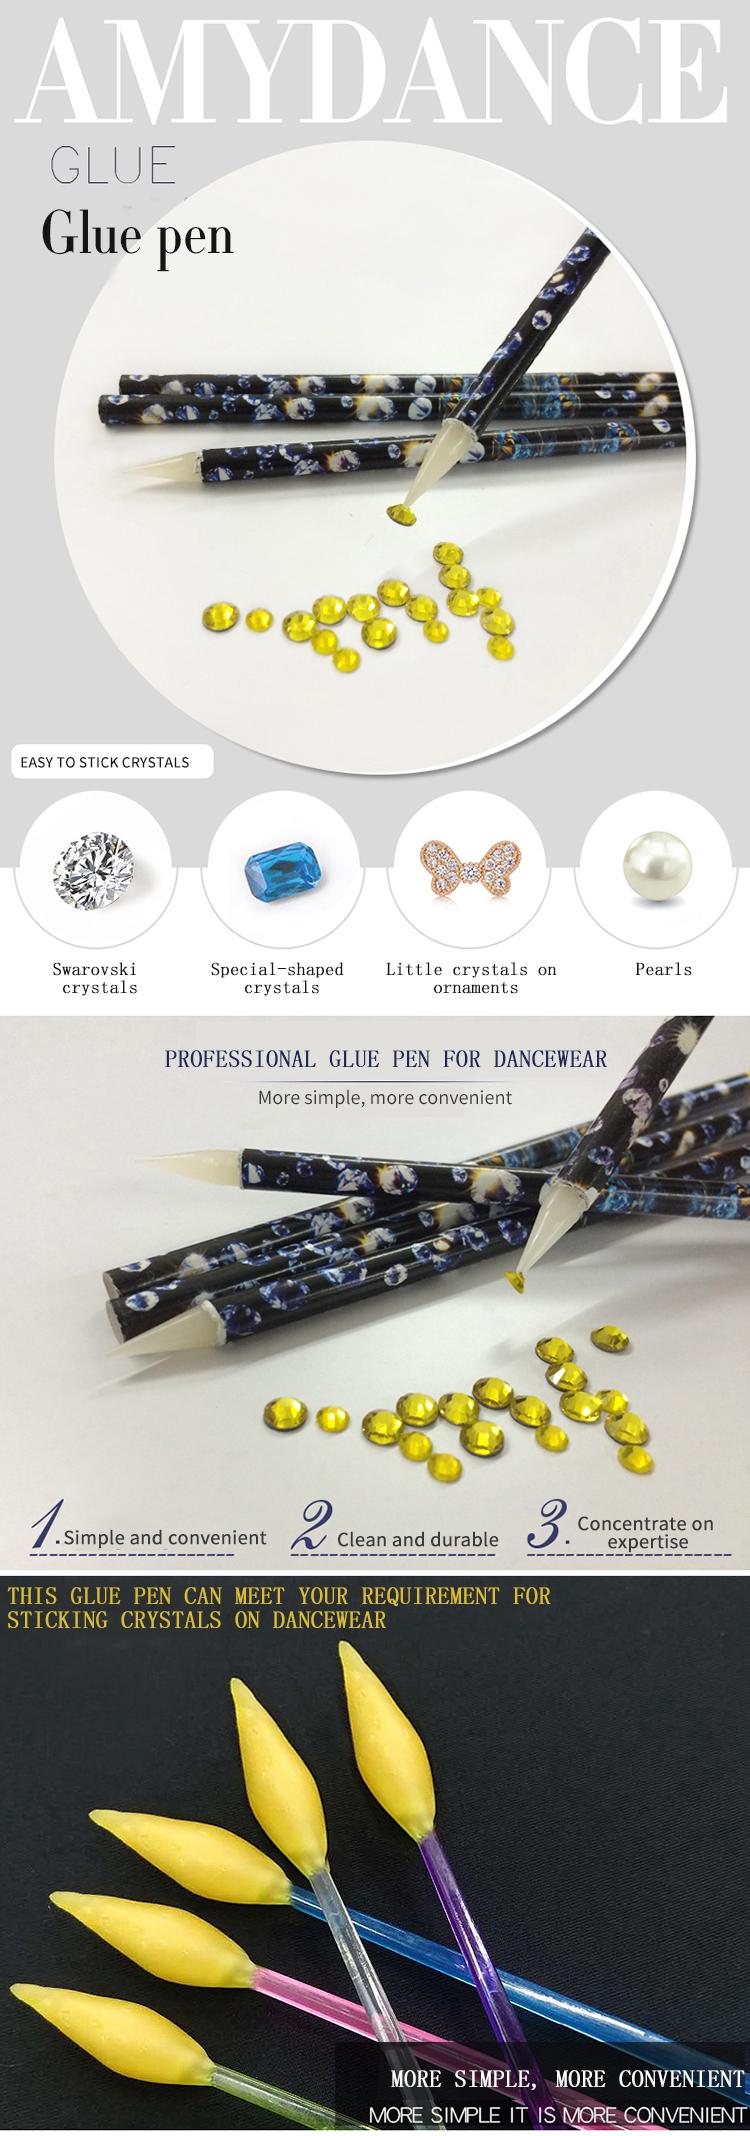 Professionele eenvoudige handig schoon duurzaam kristallen vloeibare lijm pen voor heldere kristallen steentjes glitters